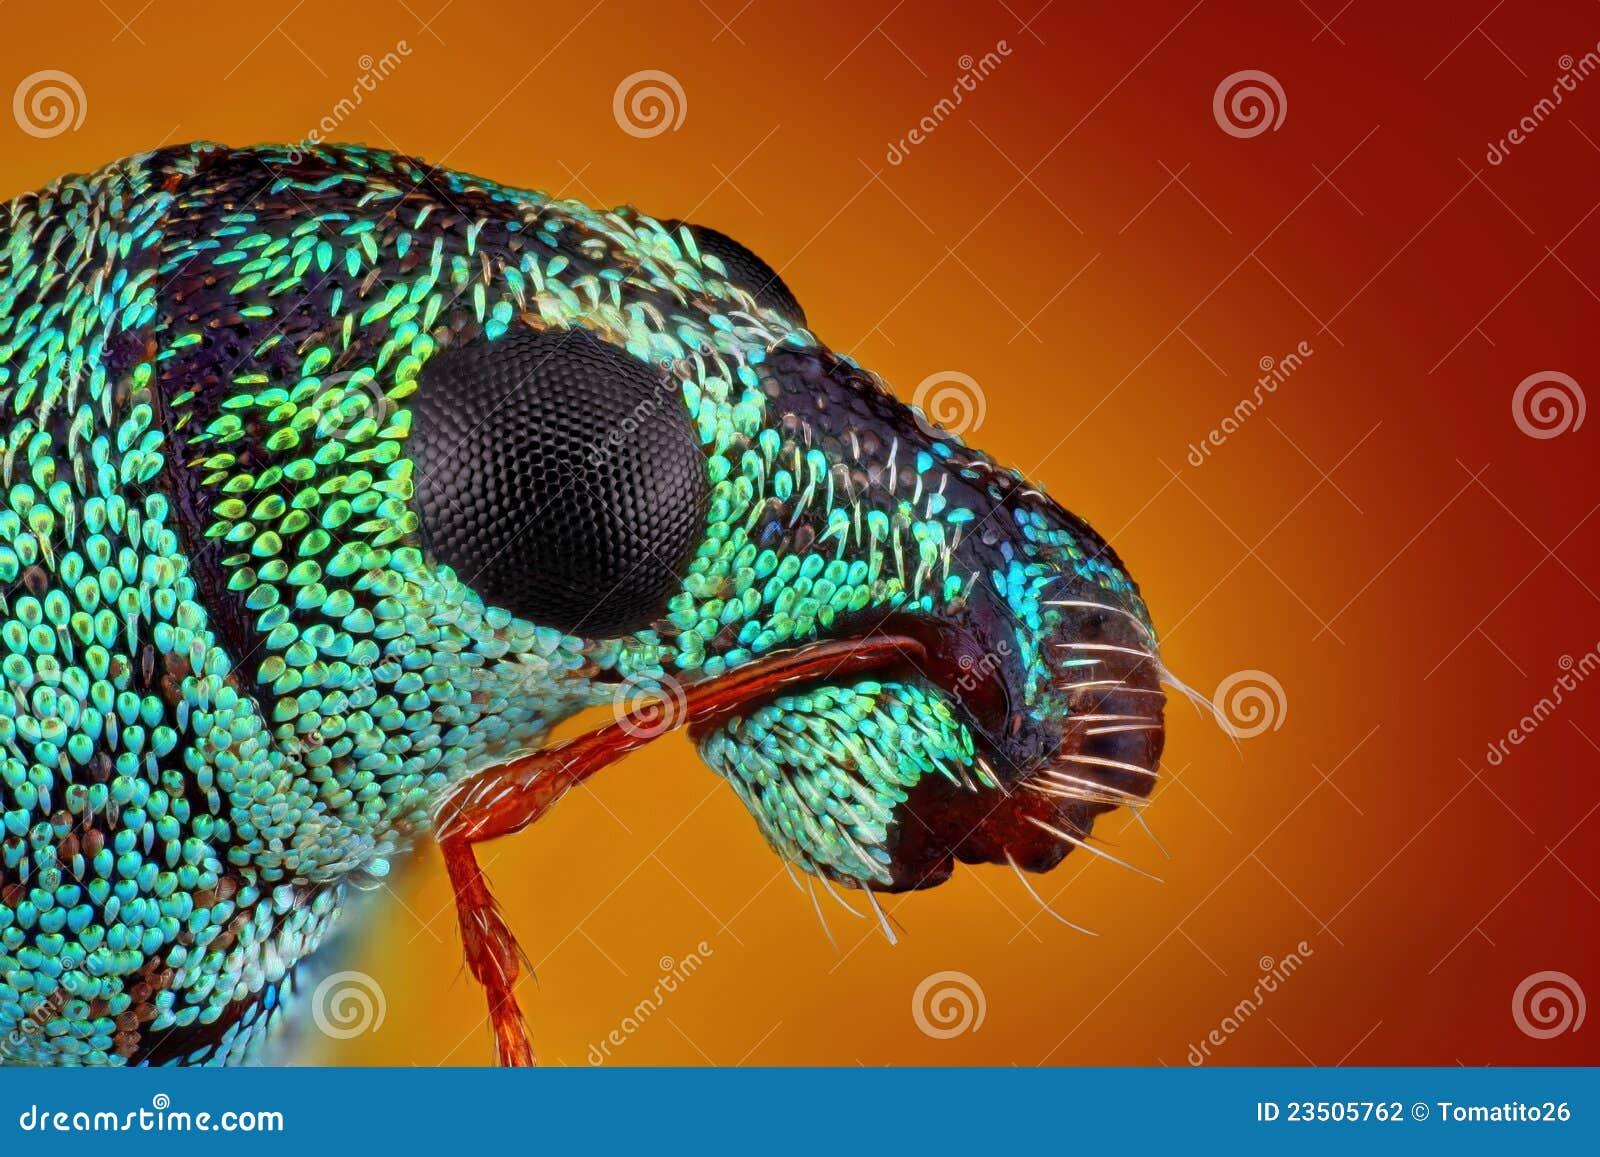 金属象鼻虫的极其锋利和详细研究